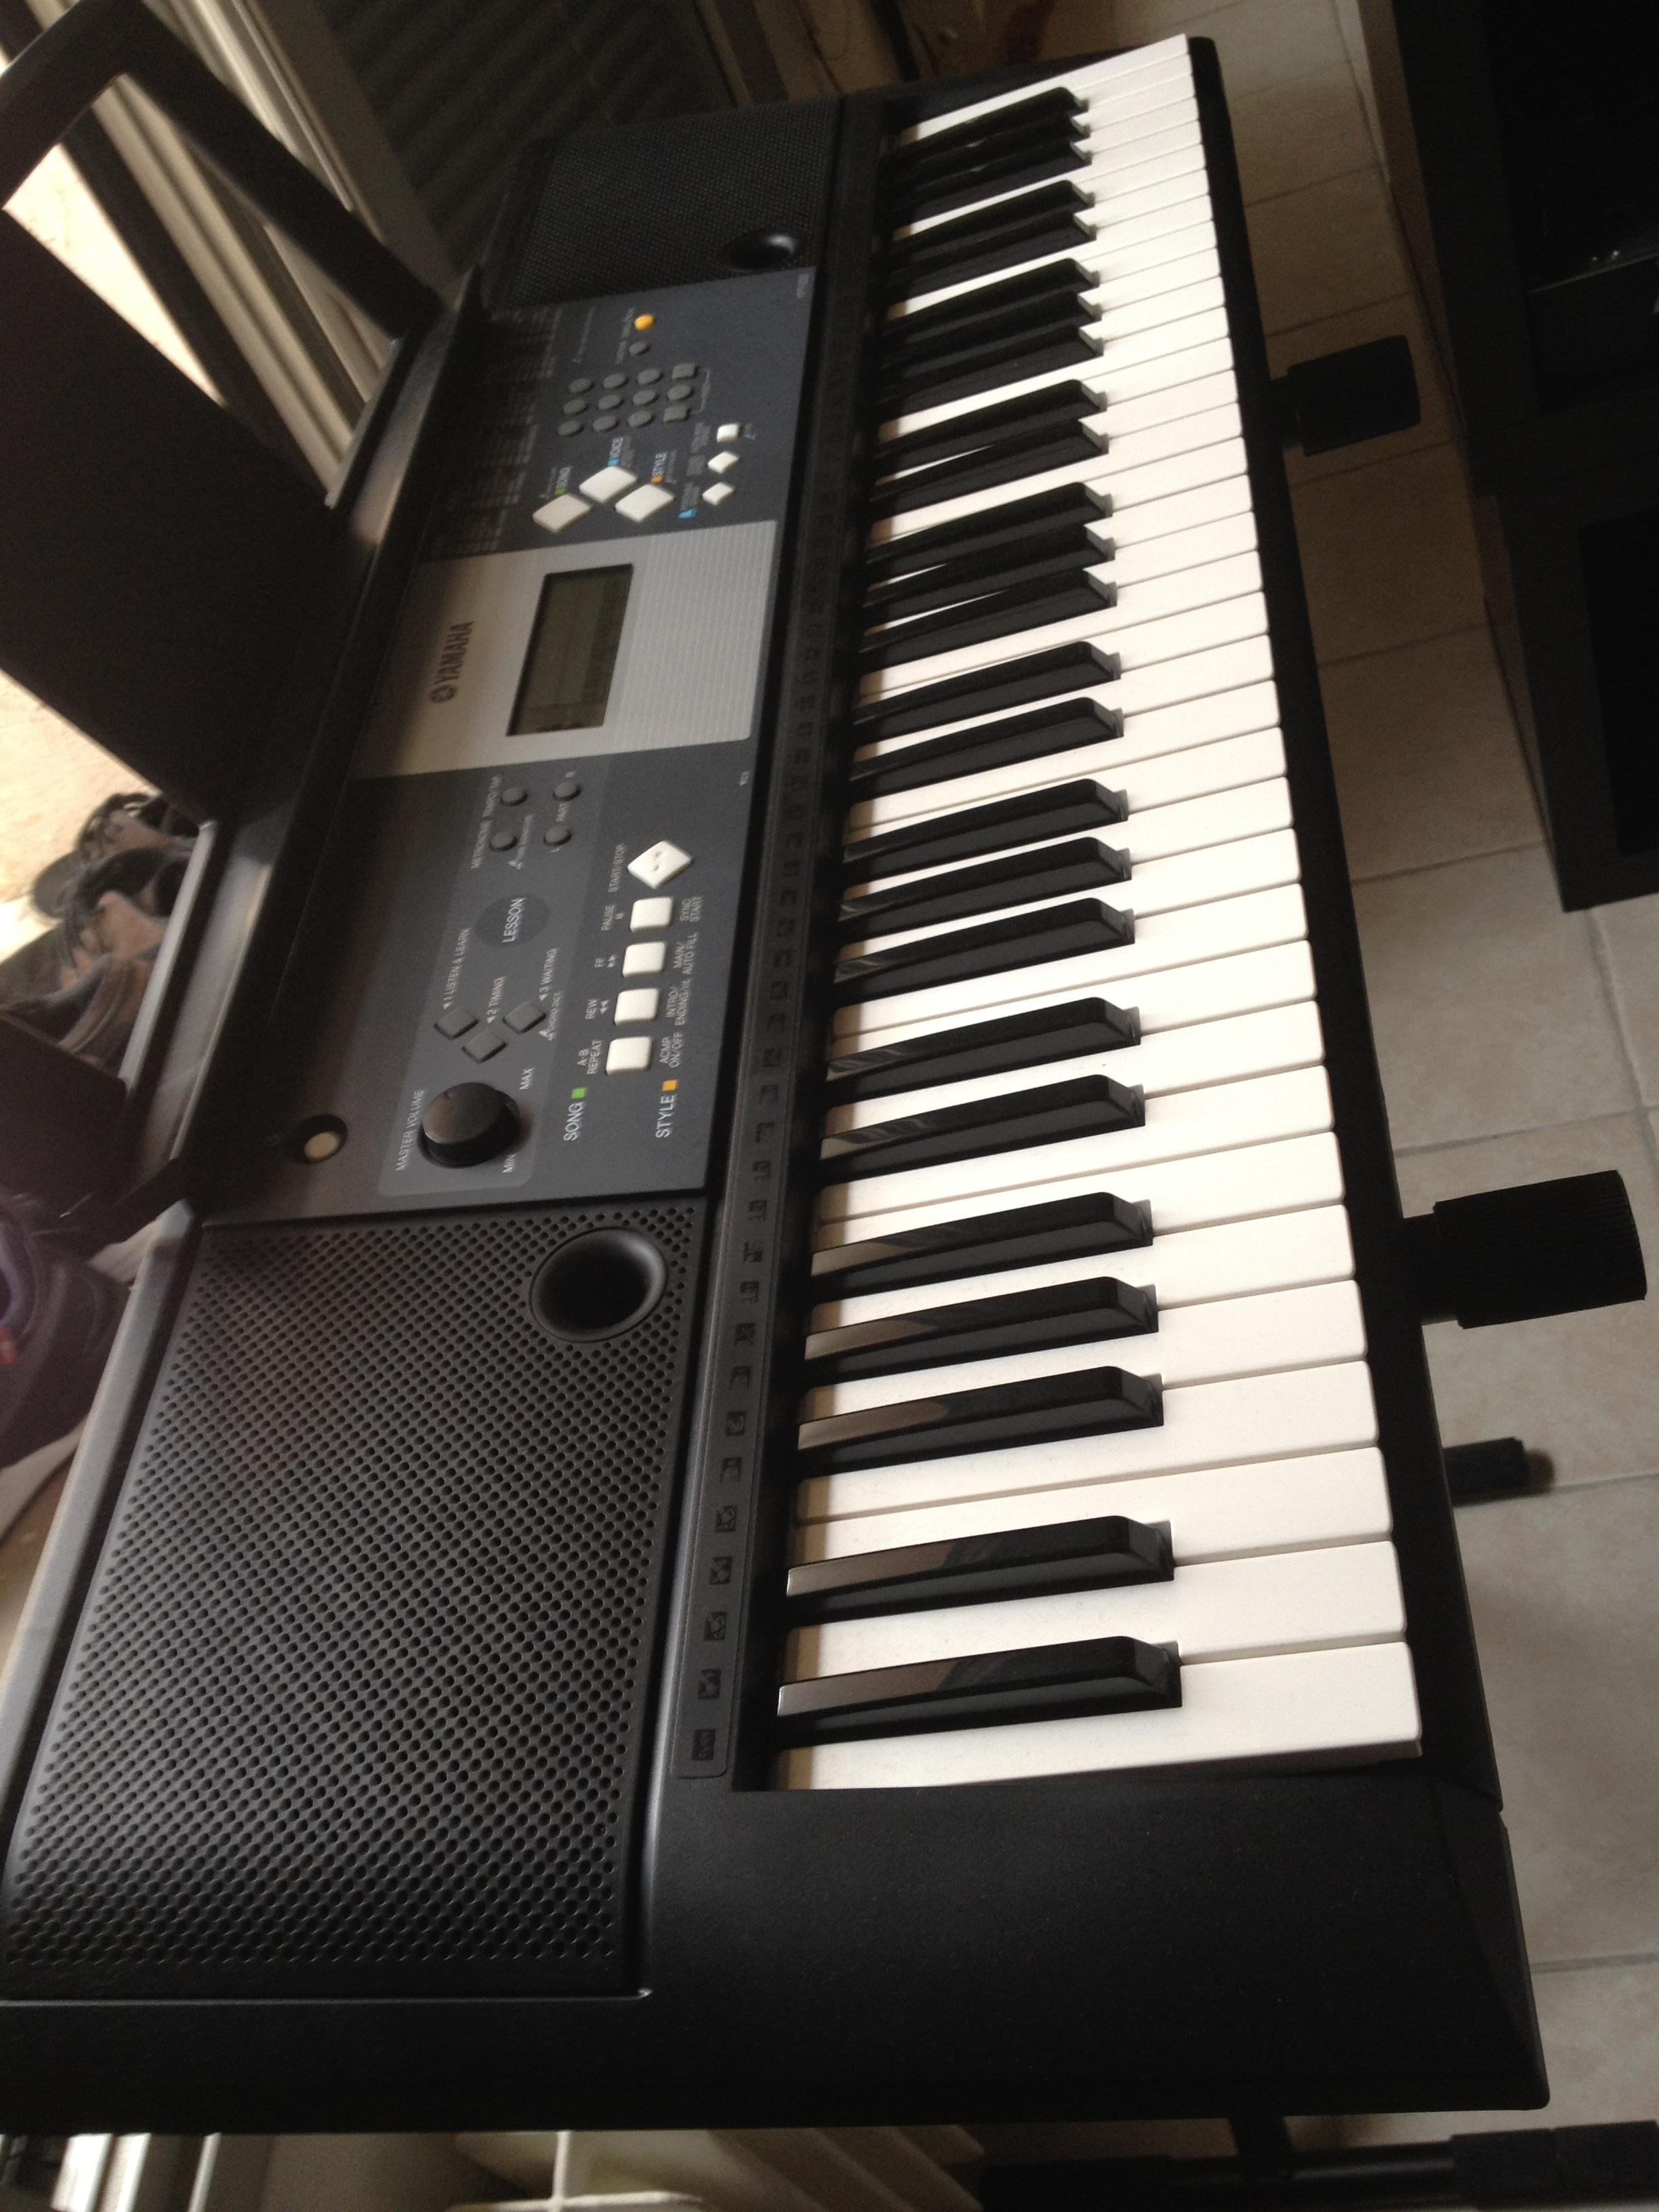 Yamaha ypt 210 image 781993 audiofanzine for Yamaha ypt 210 manual